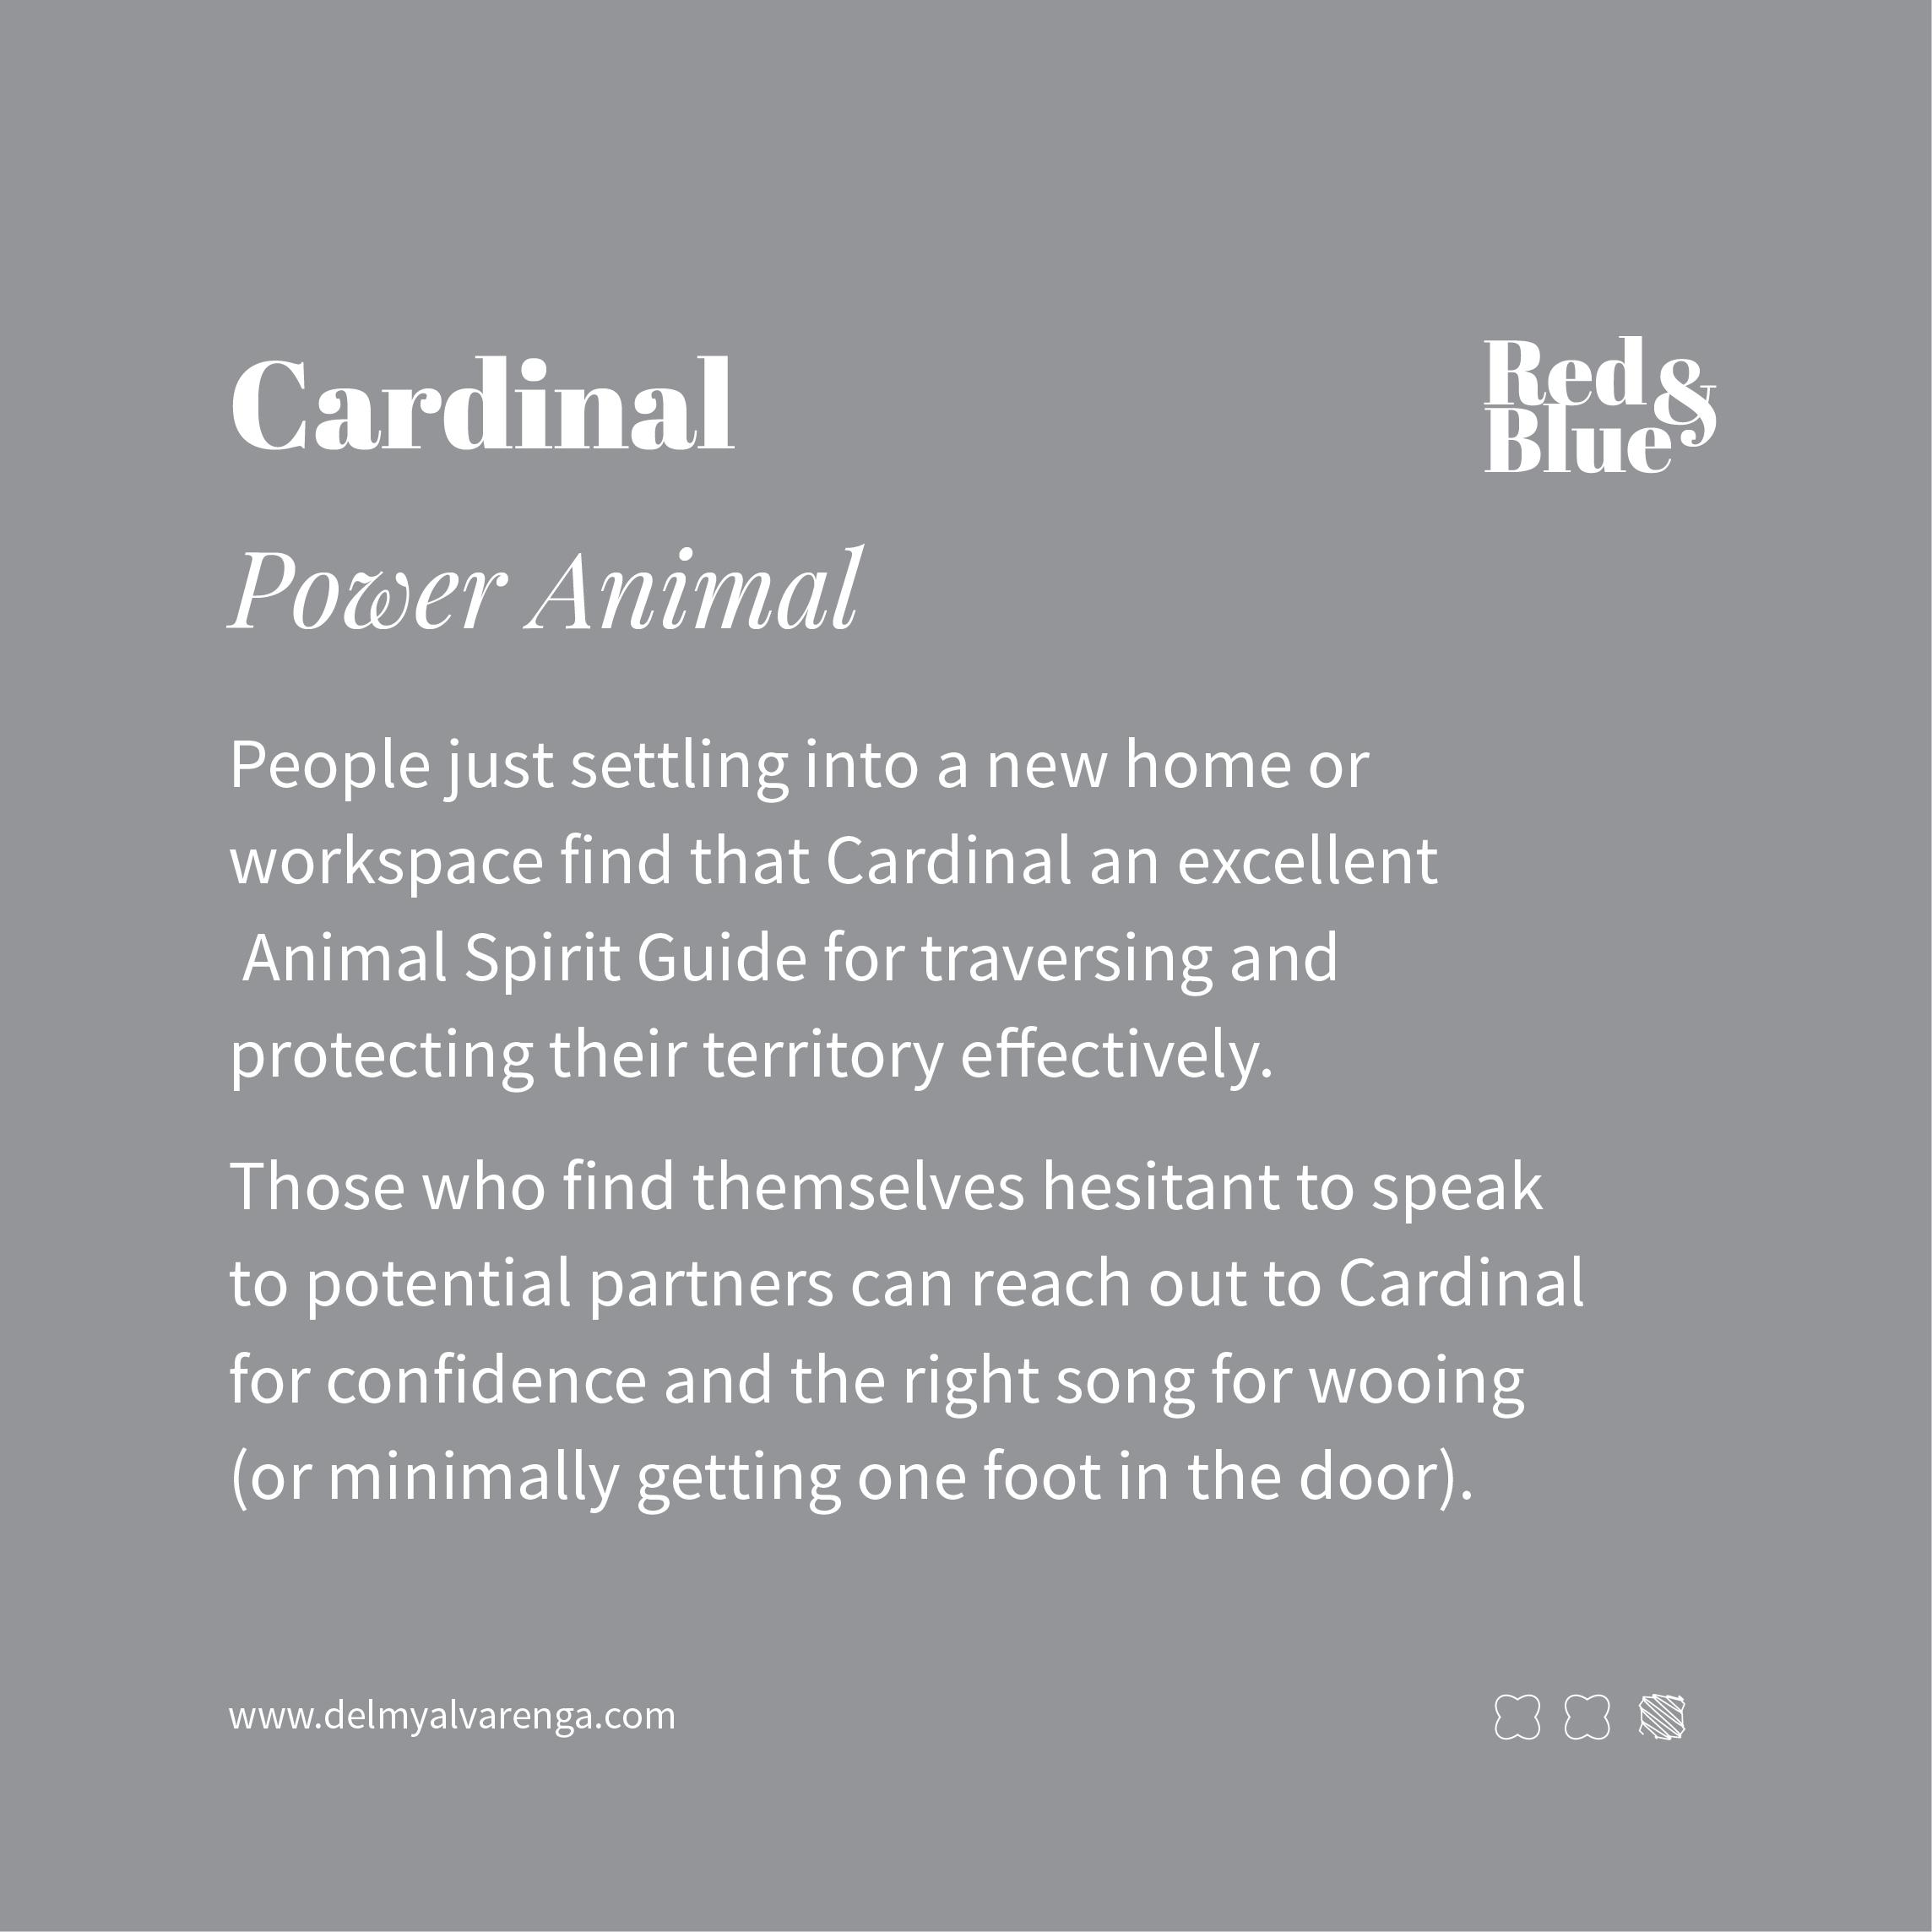 Cardinal Power Animal